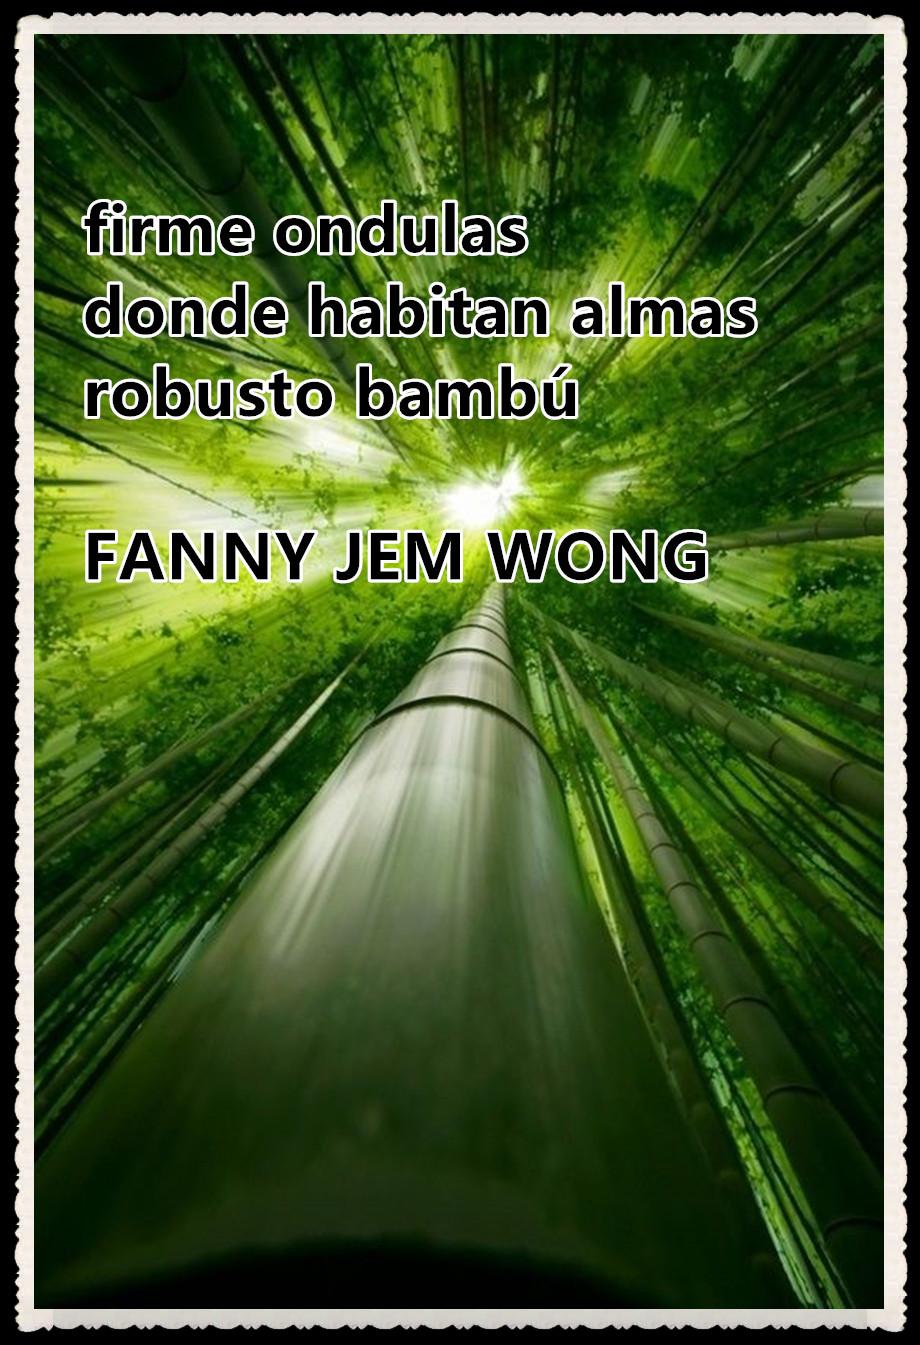 19 HAIKU-FANNY JEM WONG - FIRME ONDULAS 19-